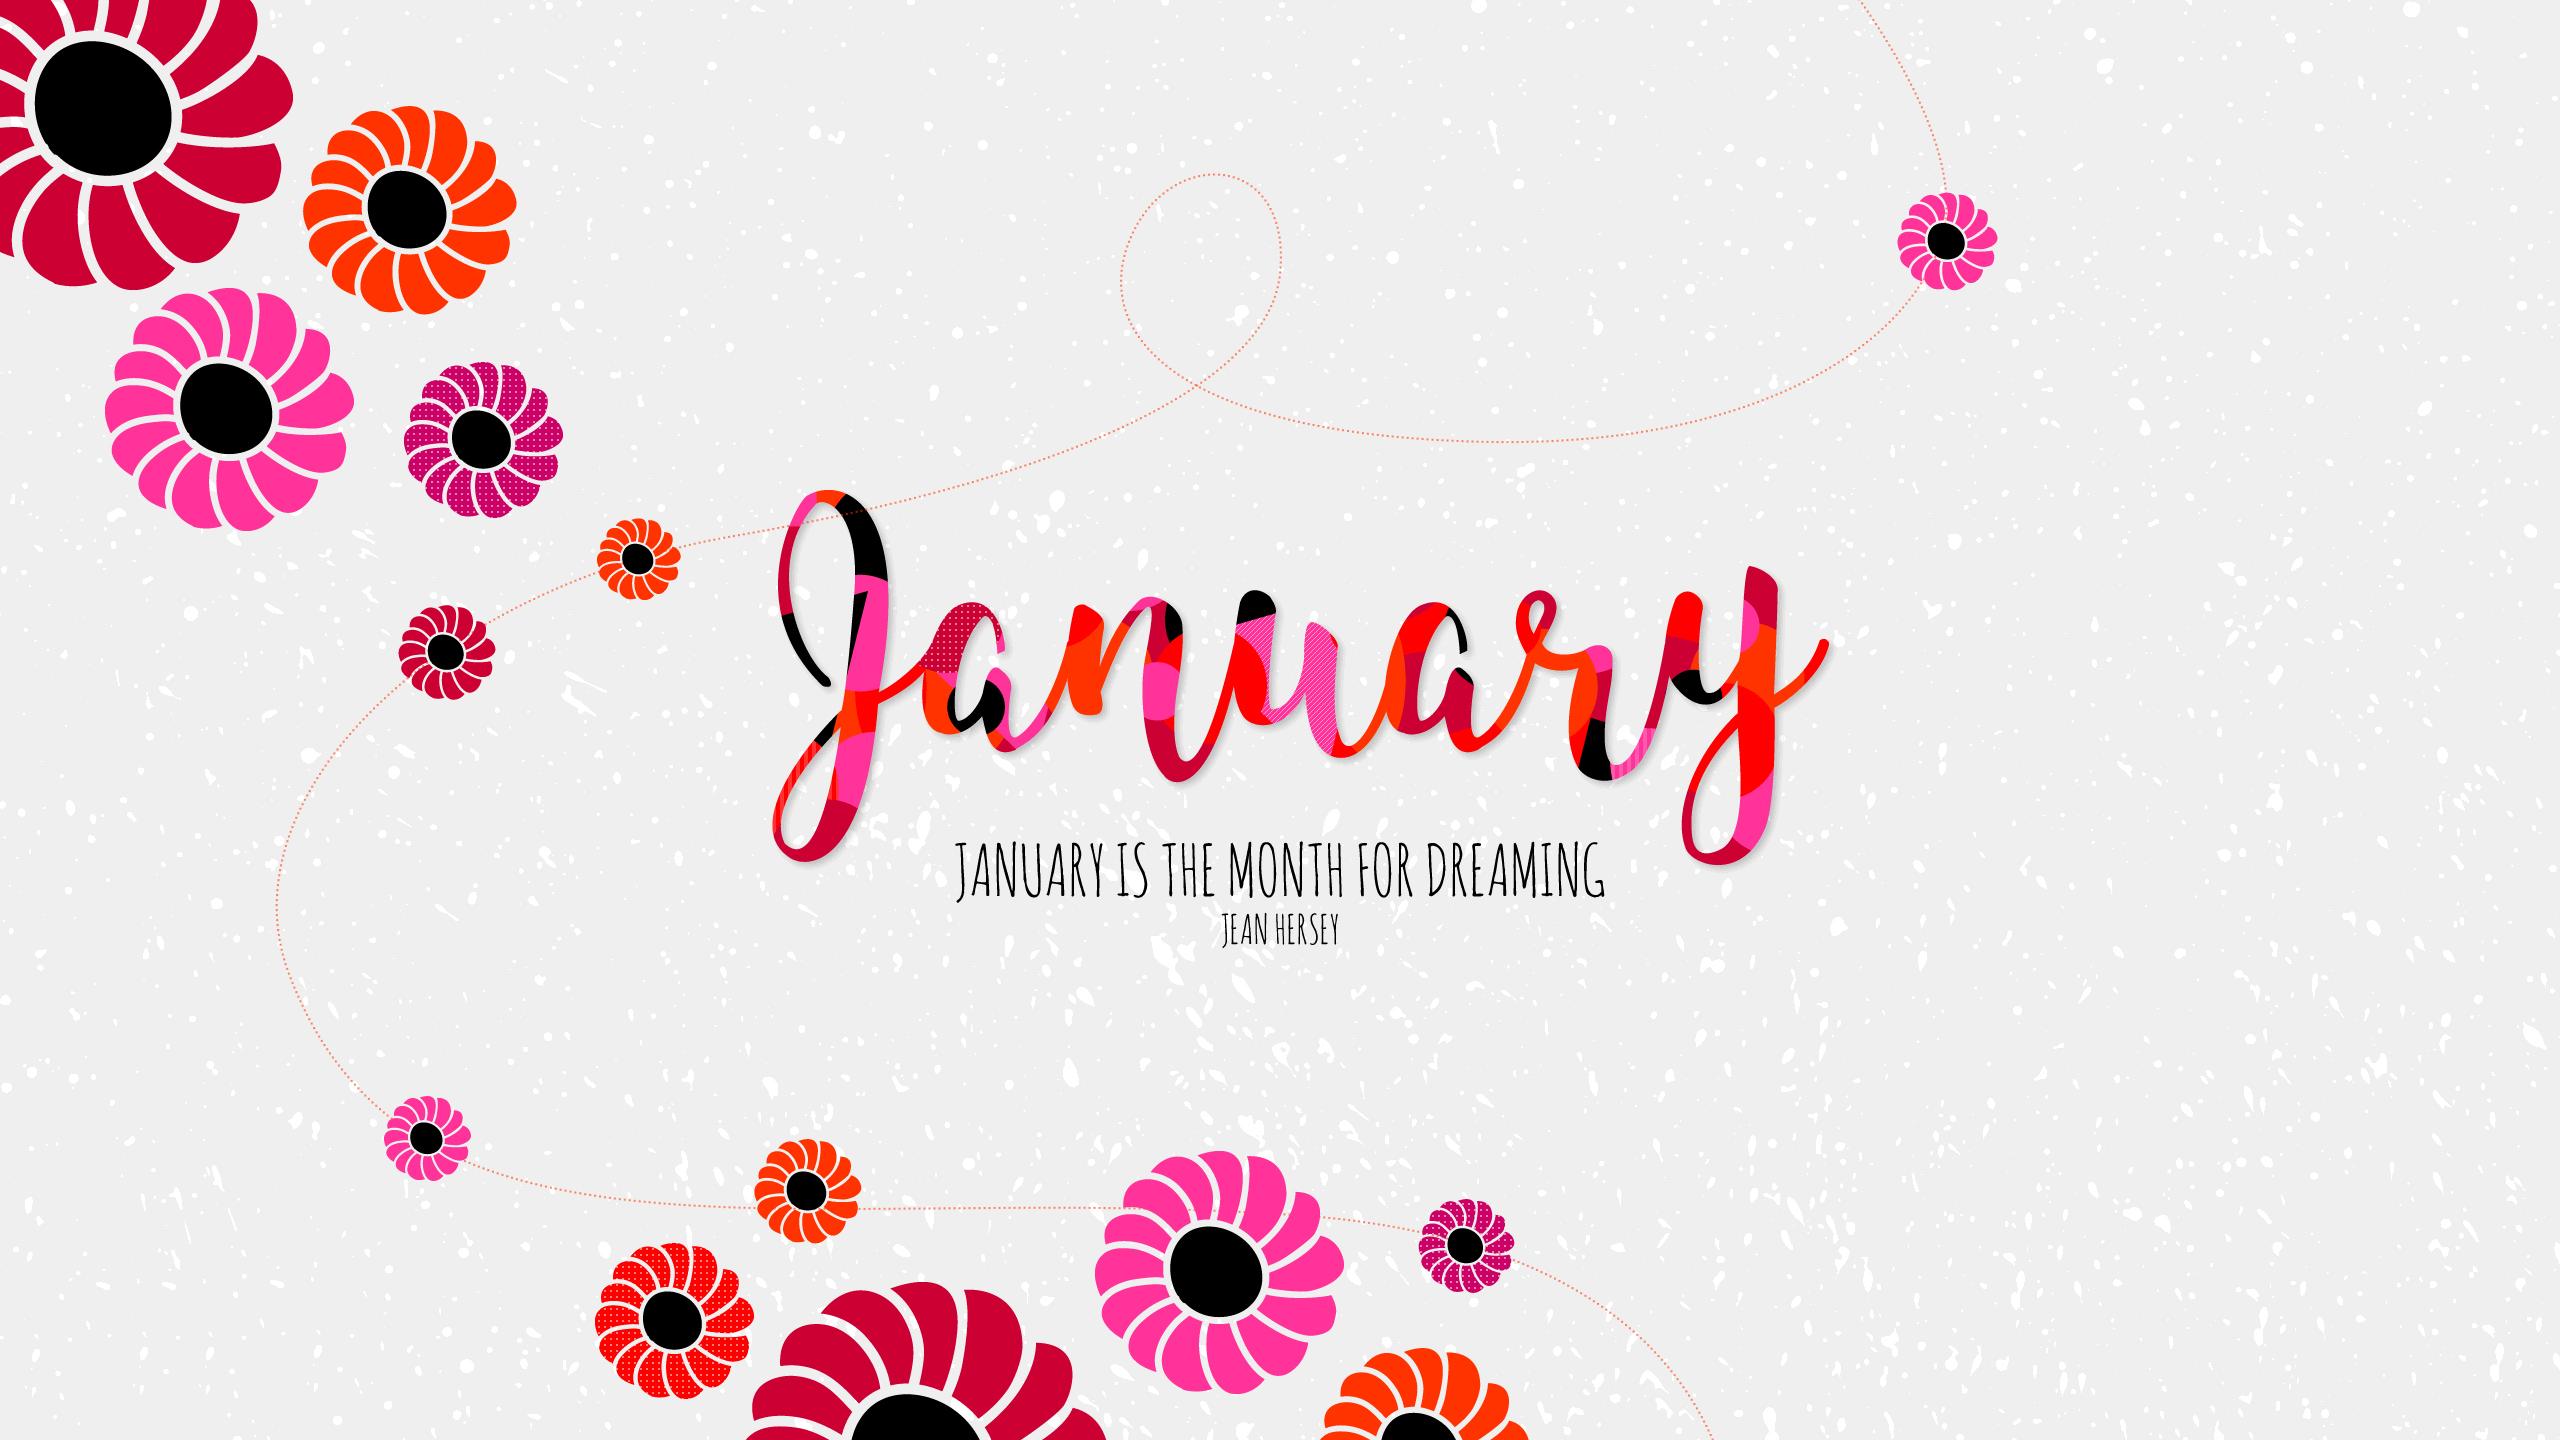 Январь месяц для сновидения обои скачать